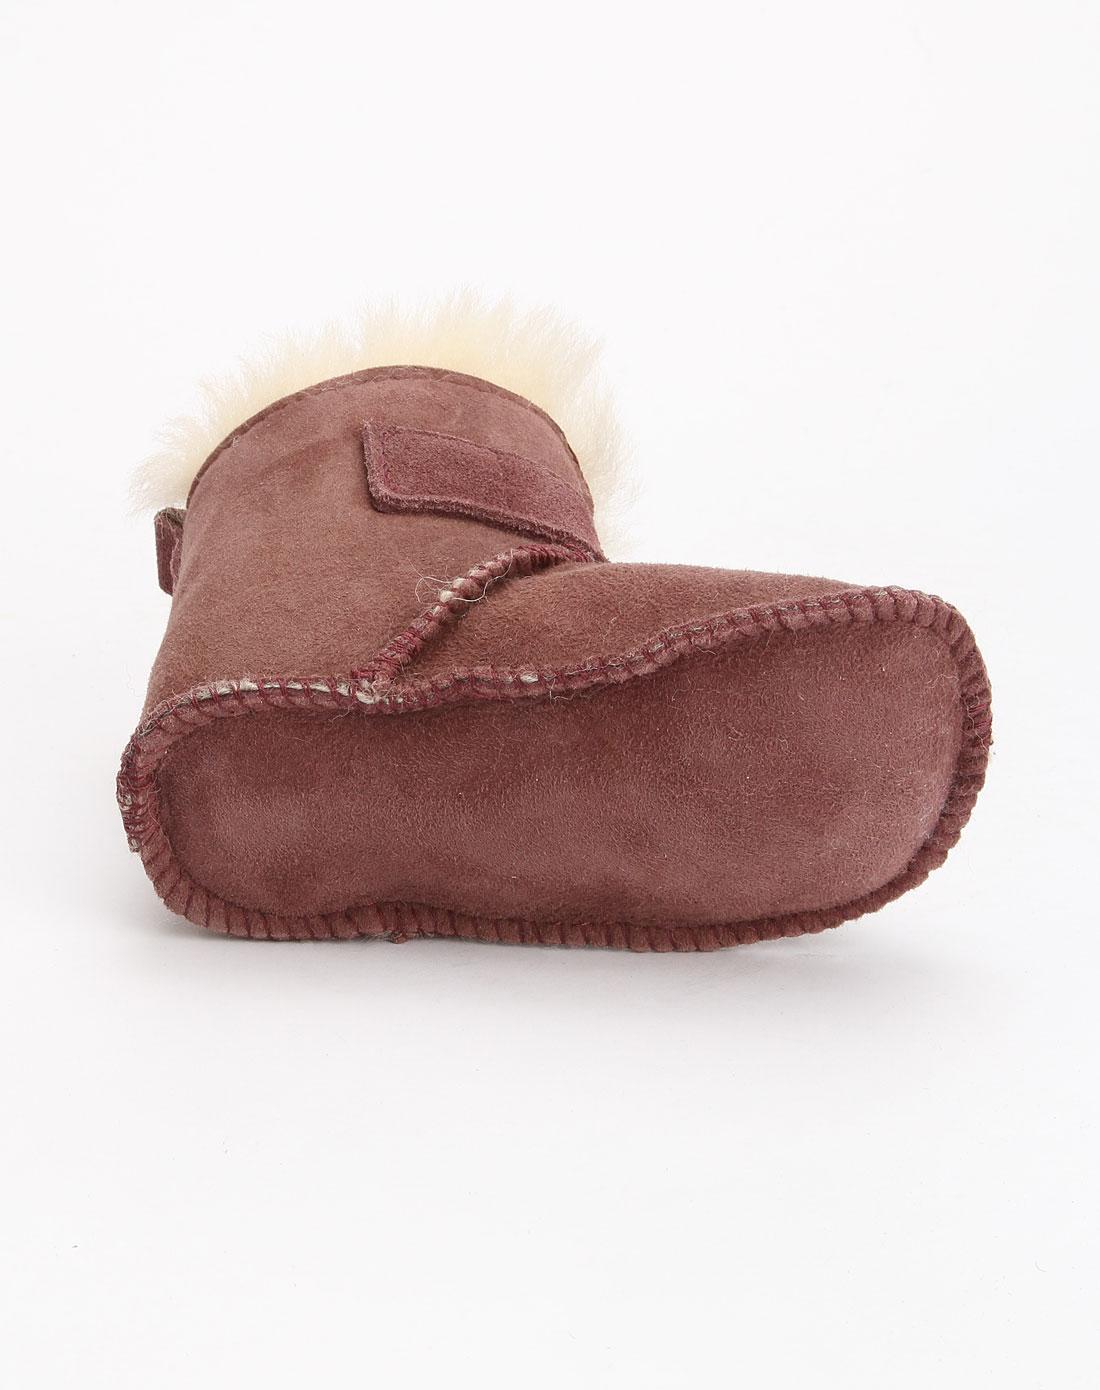 深紫色可爱婴儿鞋